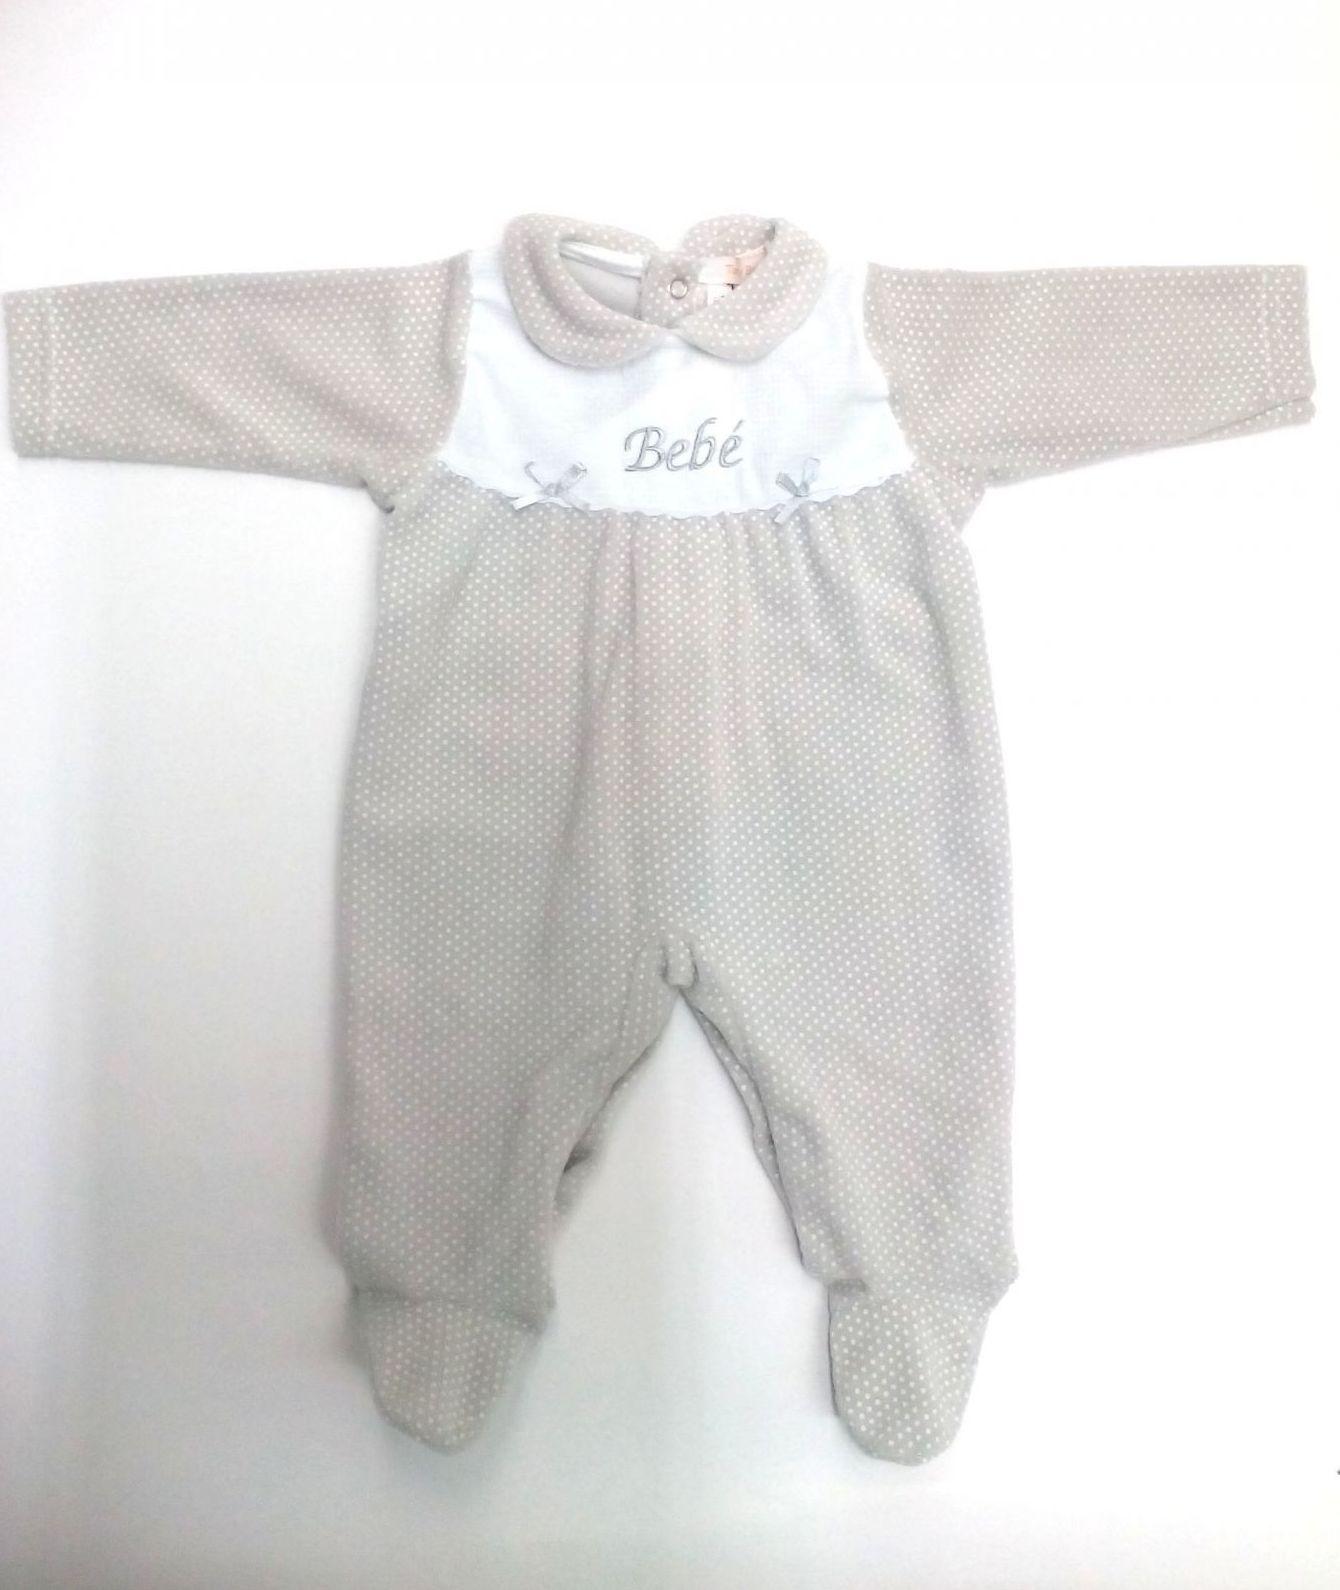 Pijama bebé motas gris Bebé de Popys